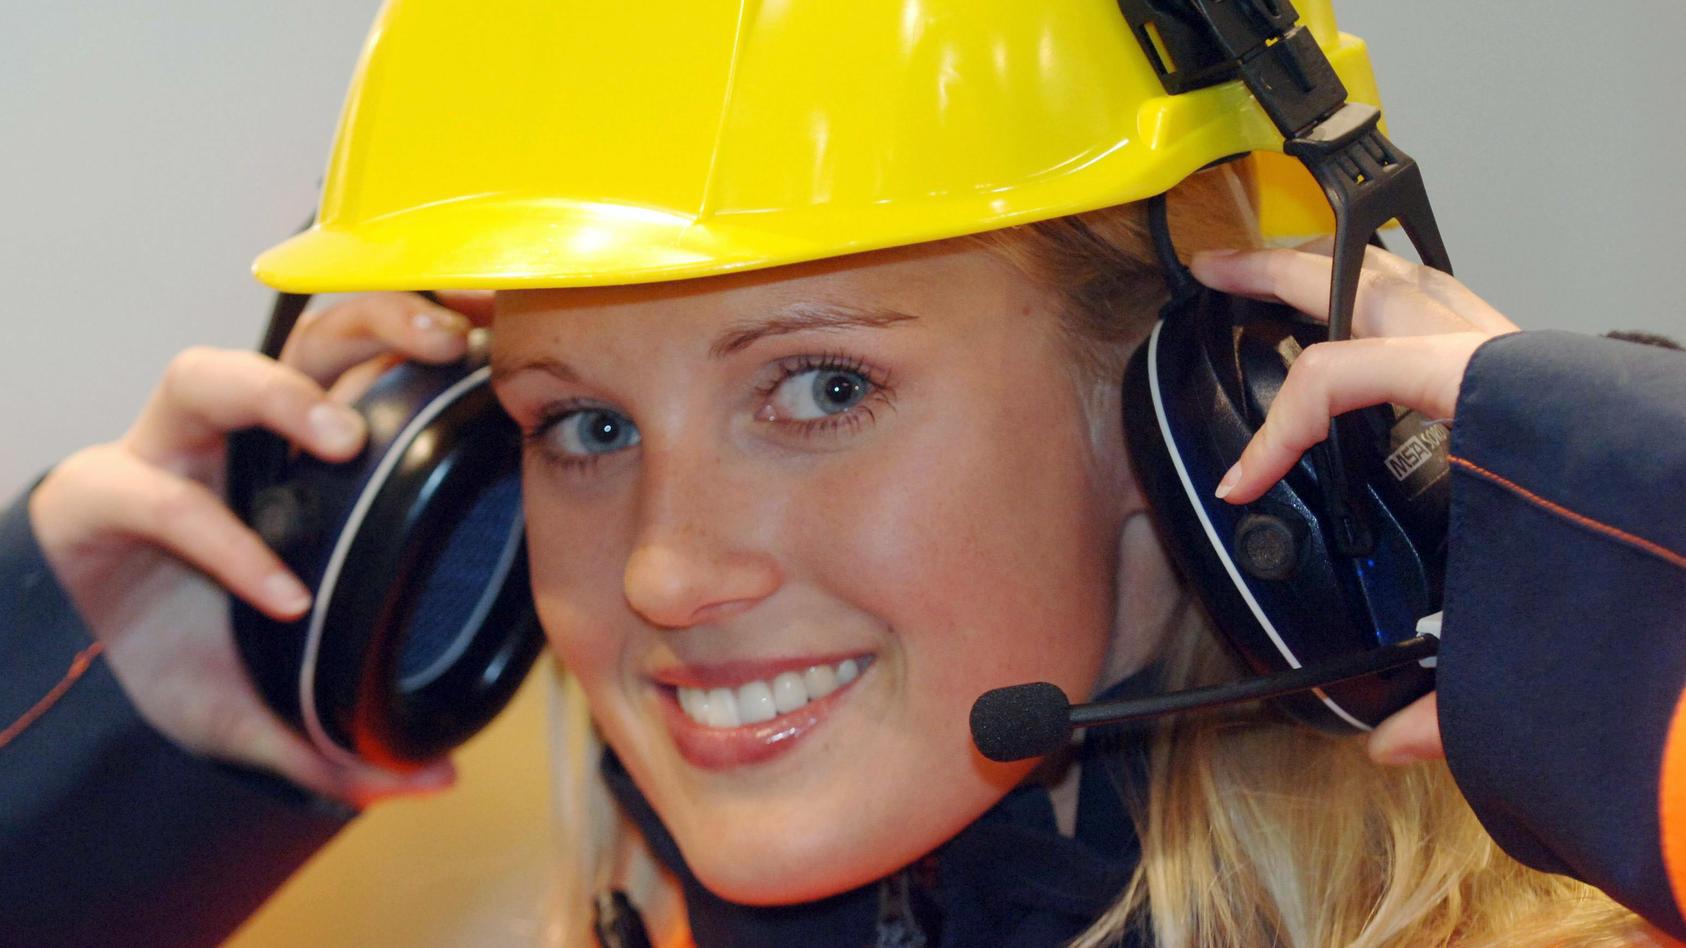 Ziel des Arbeitsschutzes ist Arbeitssicherheit und ständige Verbesserung der Arbeitsbedingungen.